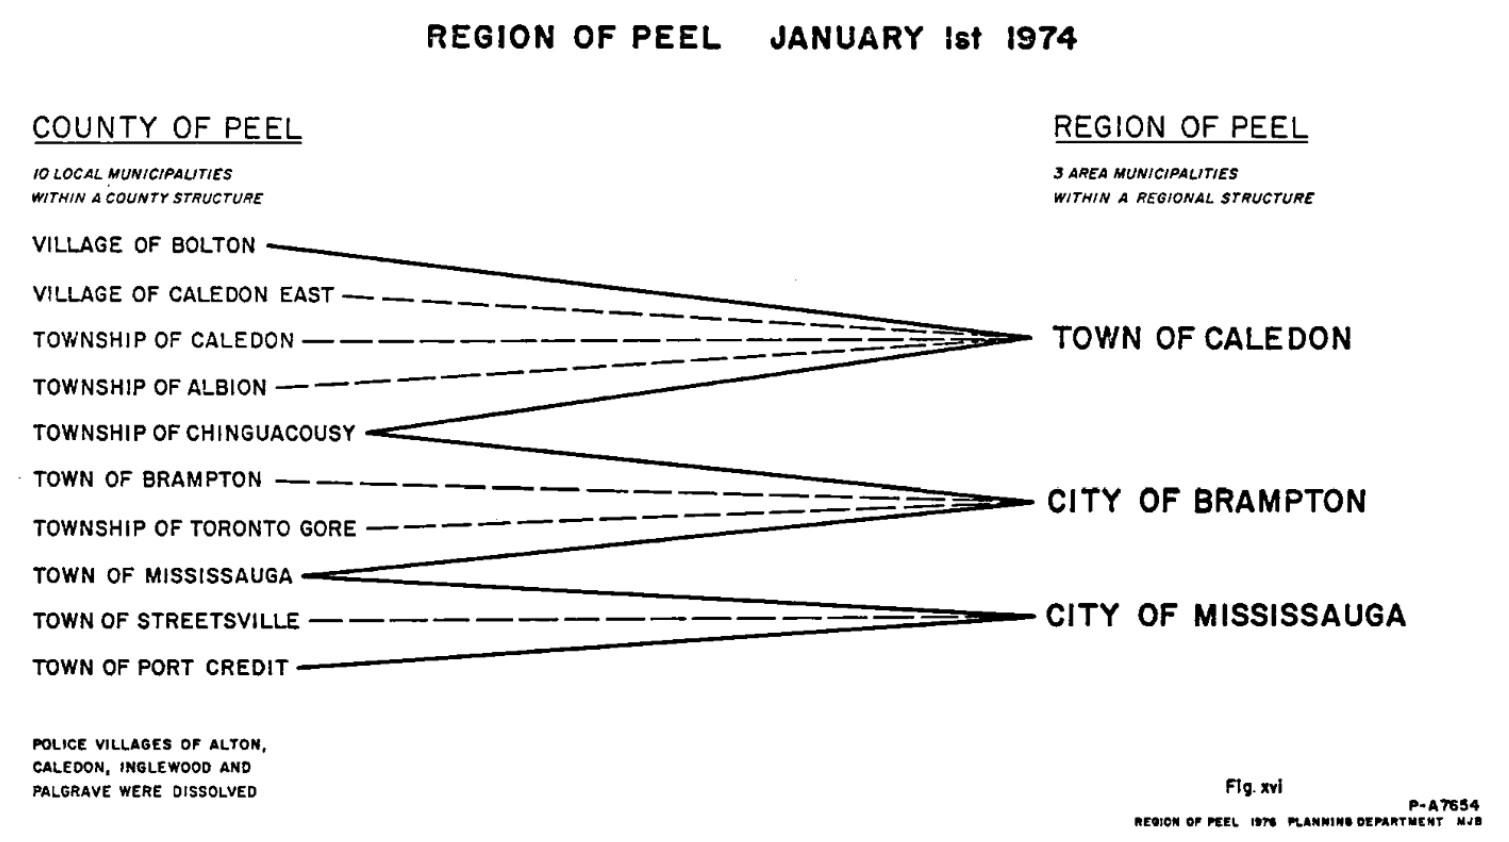 Peel 1974